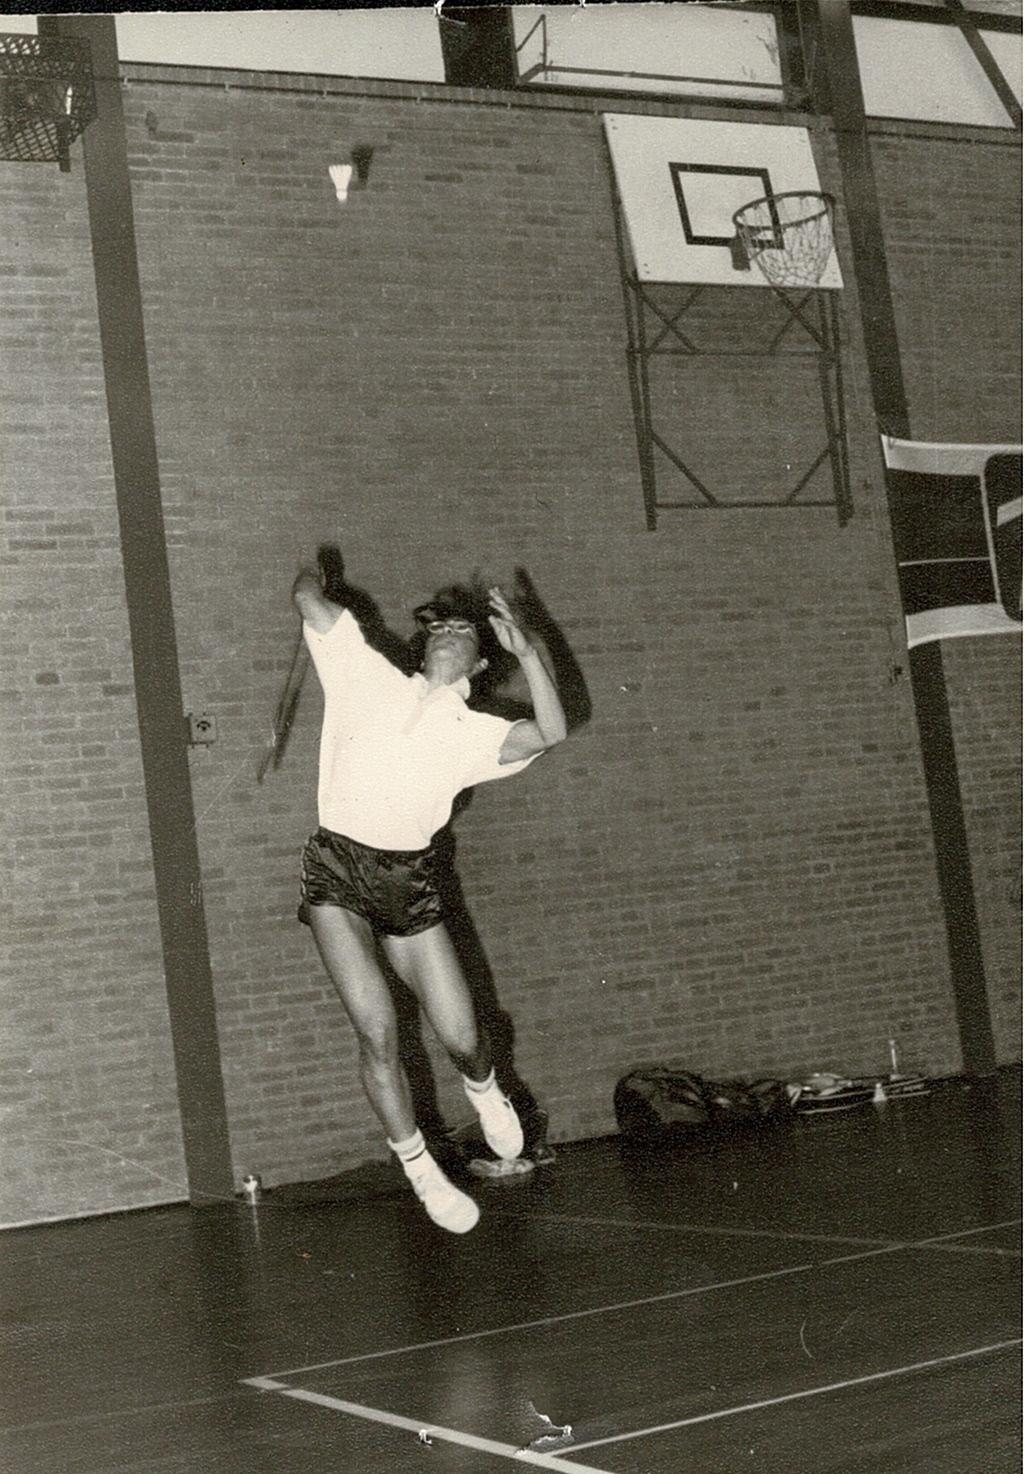 Clubkampioen badminton Sjoerd Oudijk in actie. (Foto: aangeleverd) © rodi